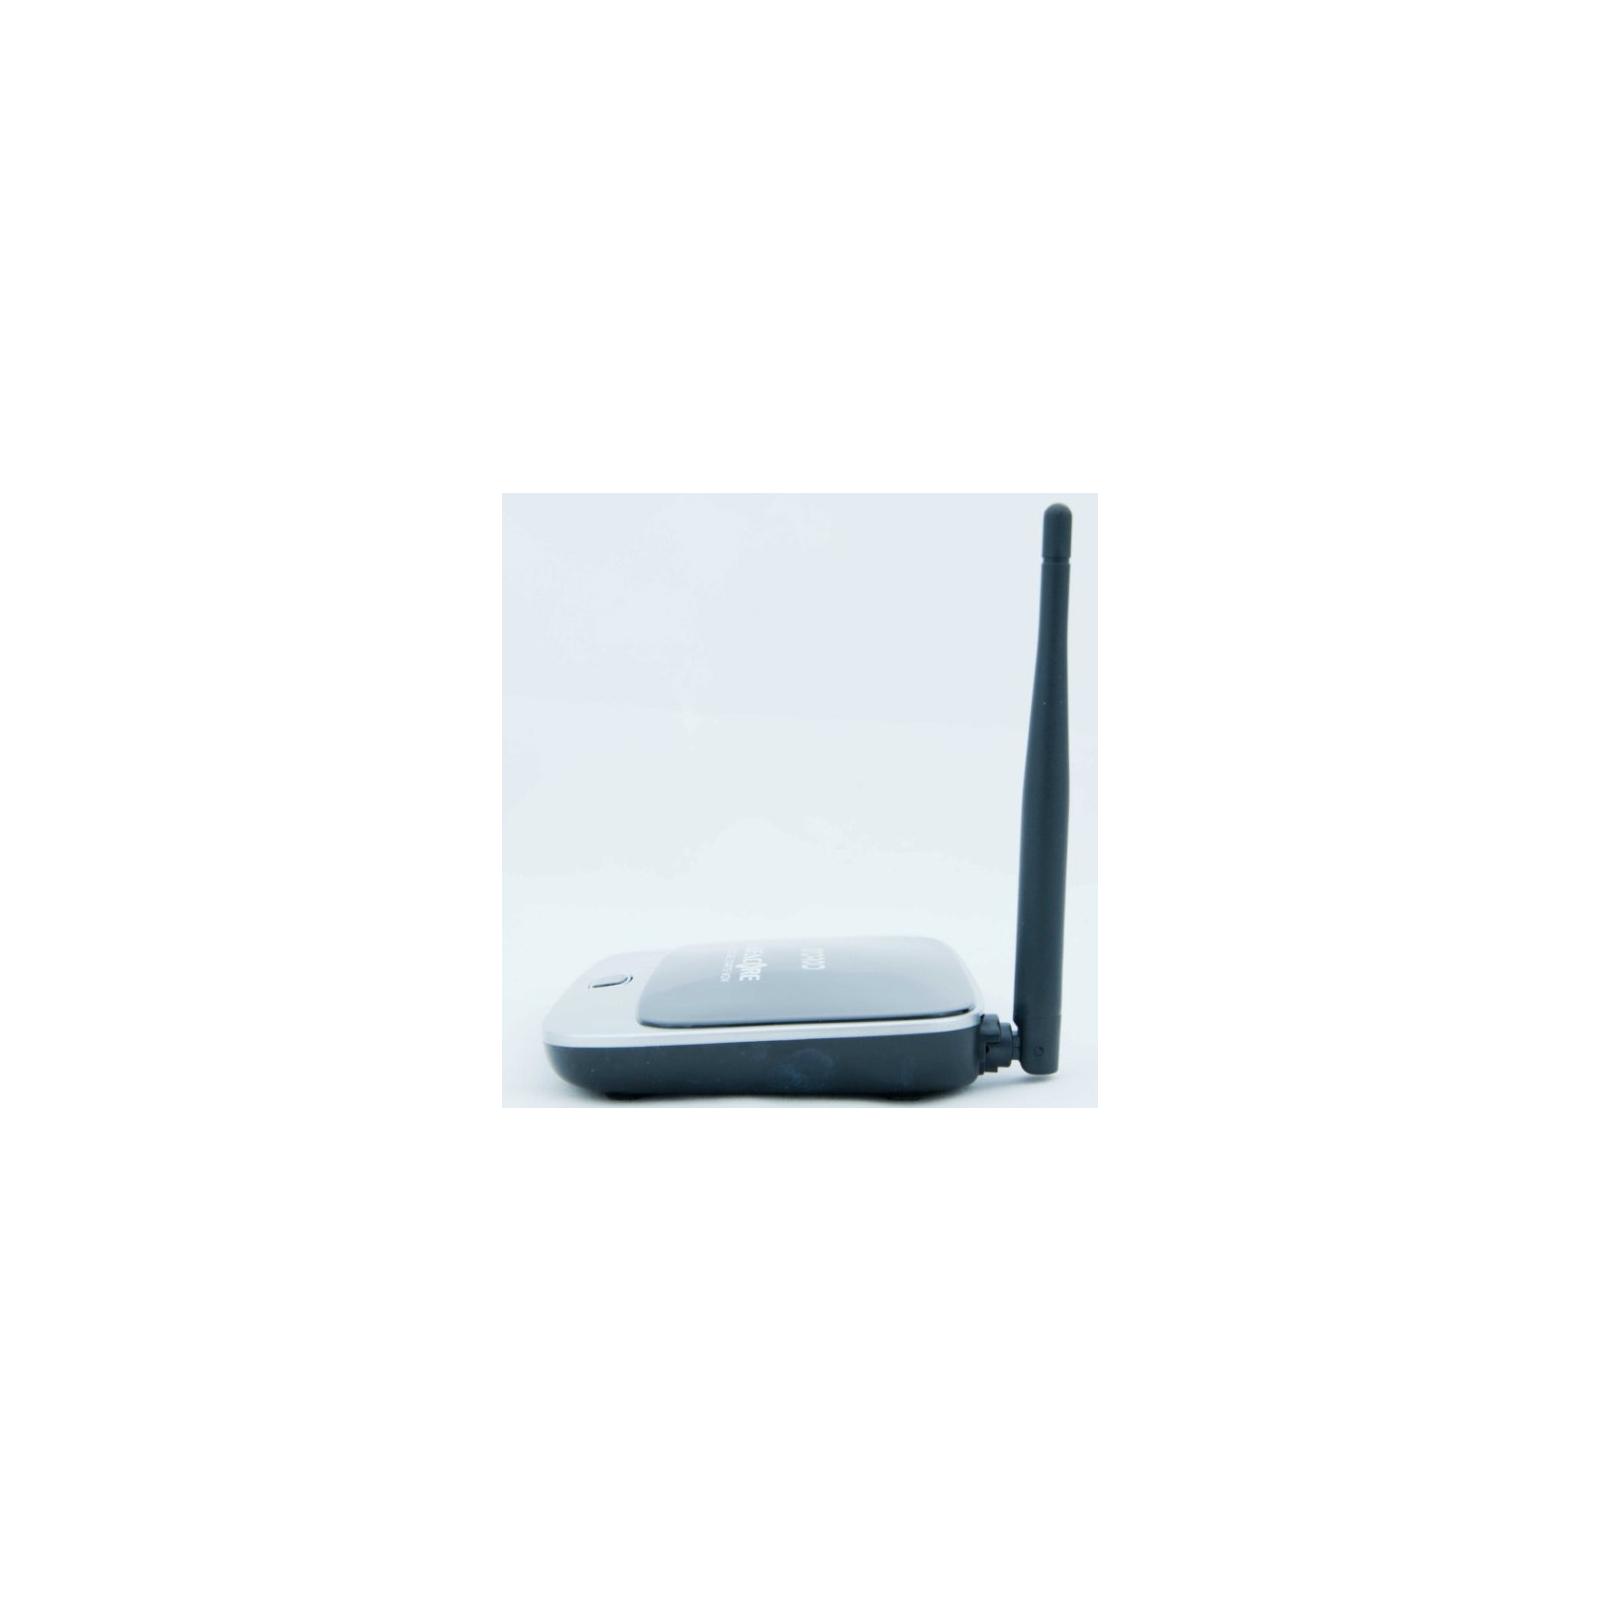 Медиаплеер Alfacore Smart TV Pro изображение 3